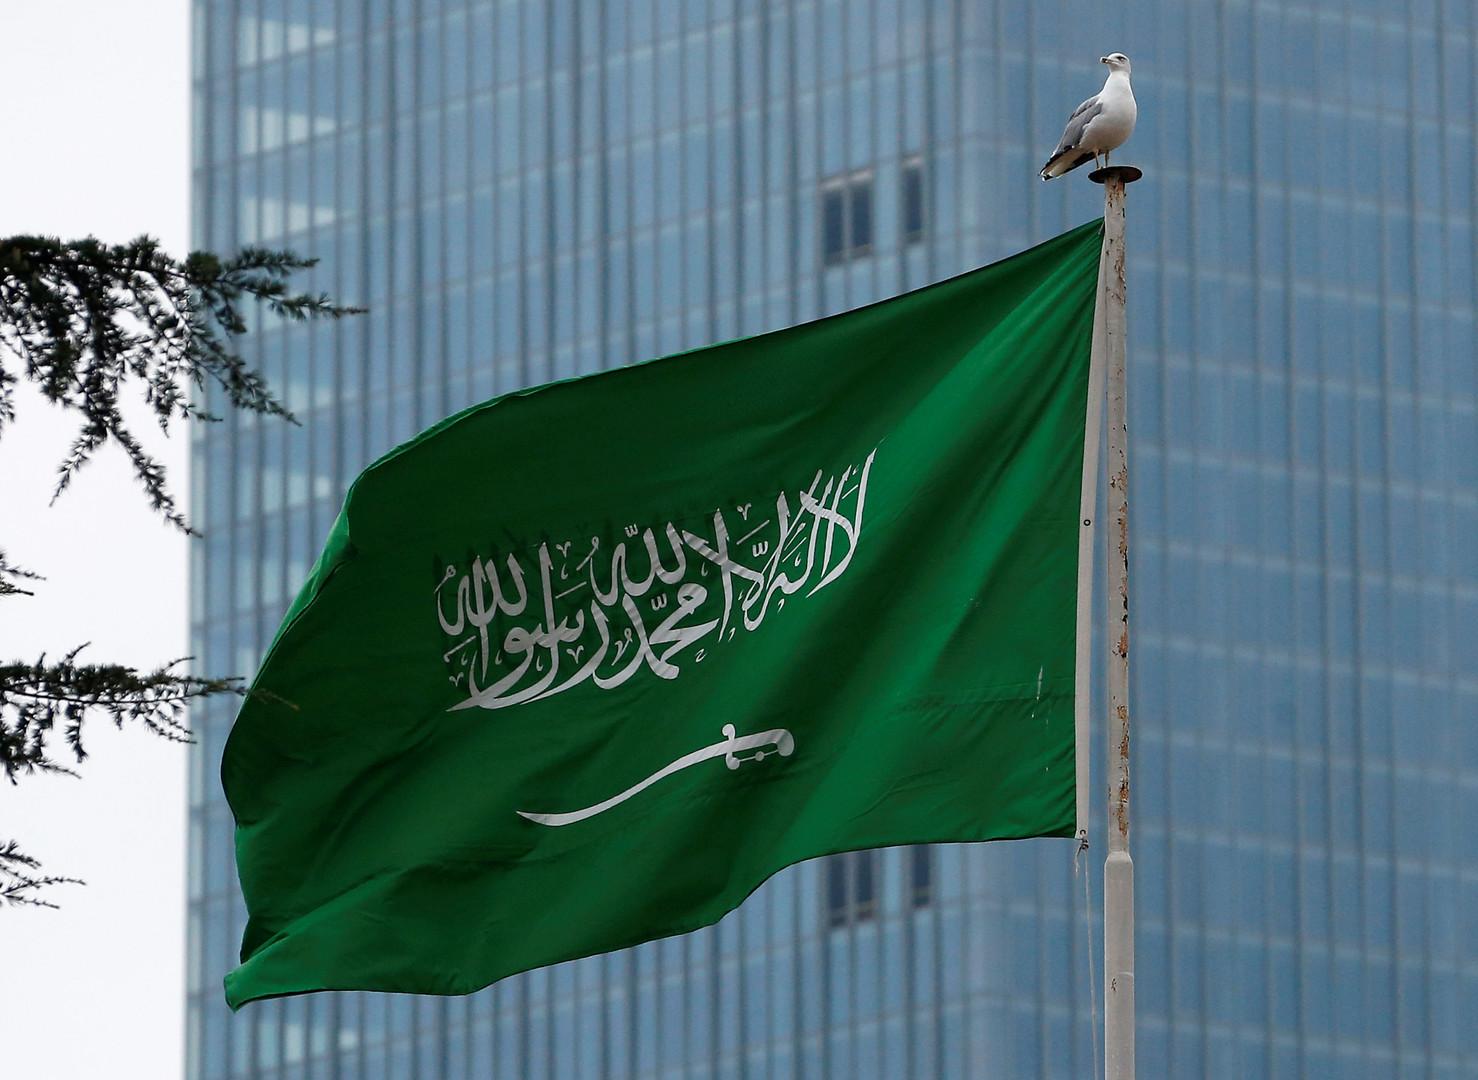 السعودية: وزير المال يشارك على رأس وفد في